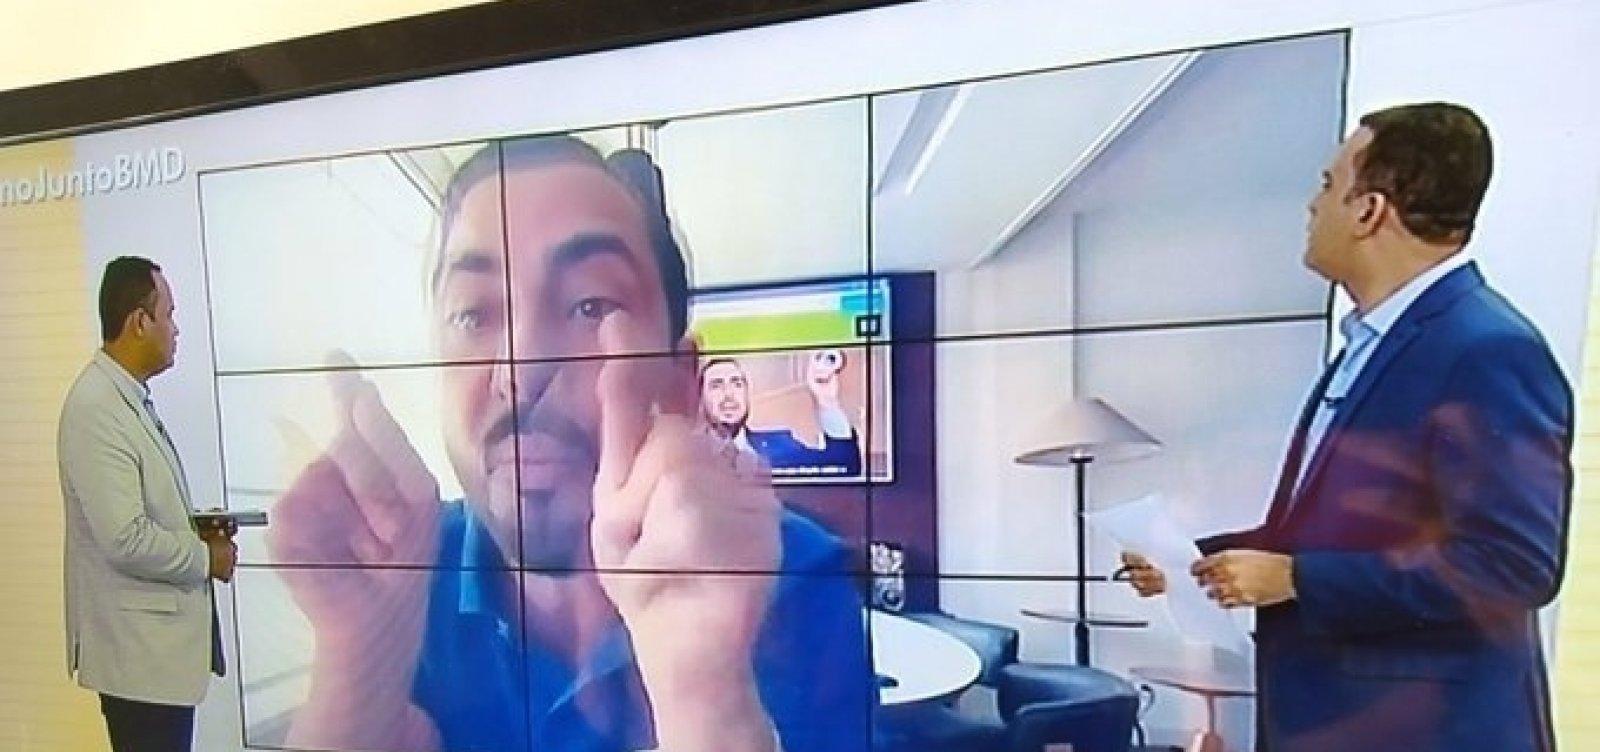 Deputado cassado bate boca em televisão e nega agressão a idoso: 'Só dei chute'